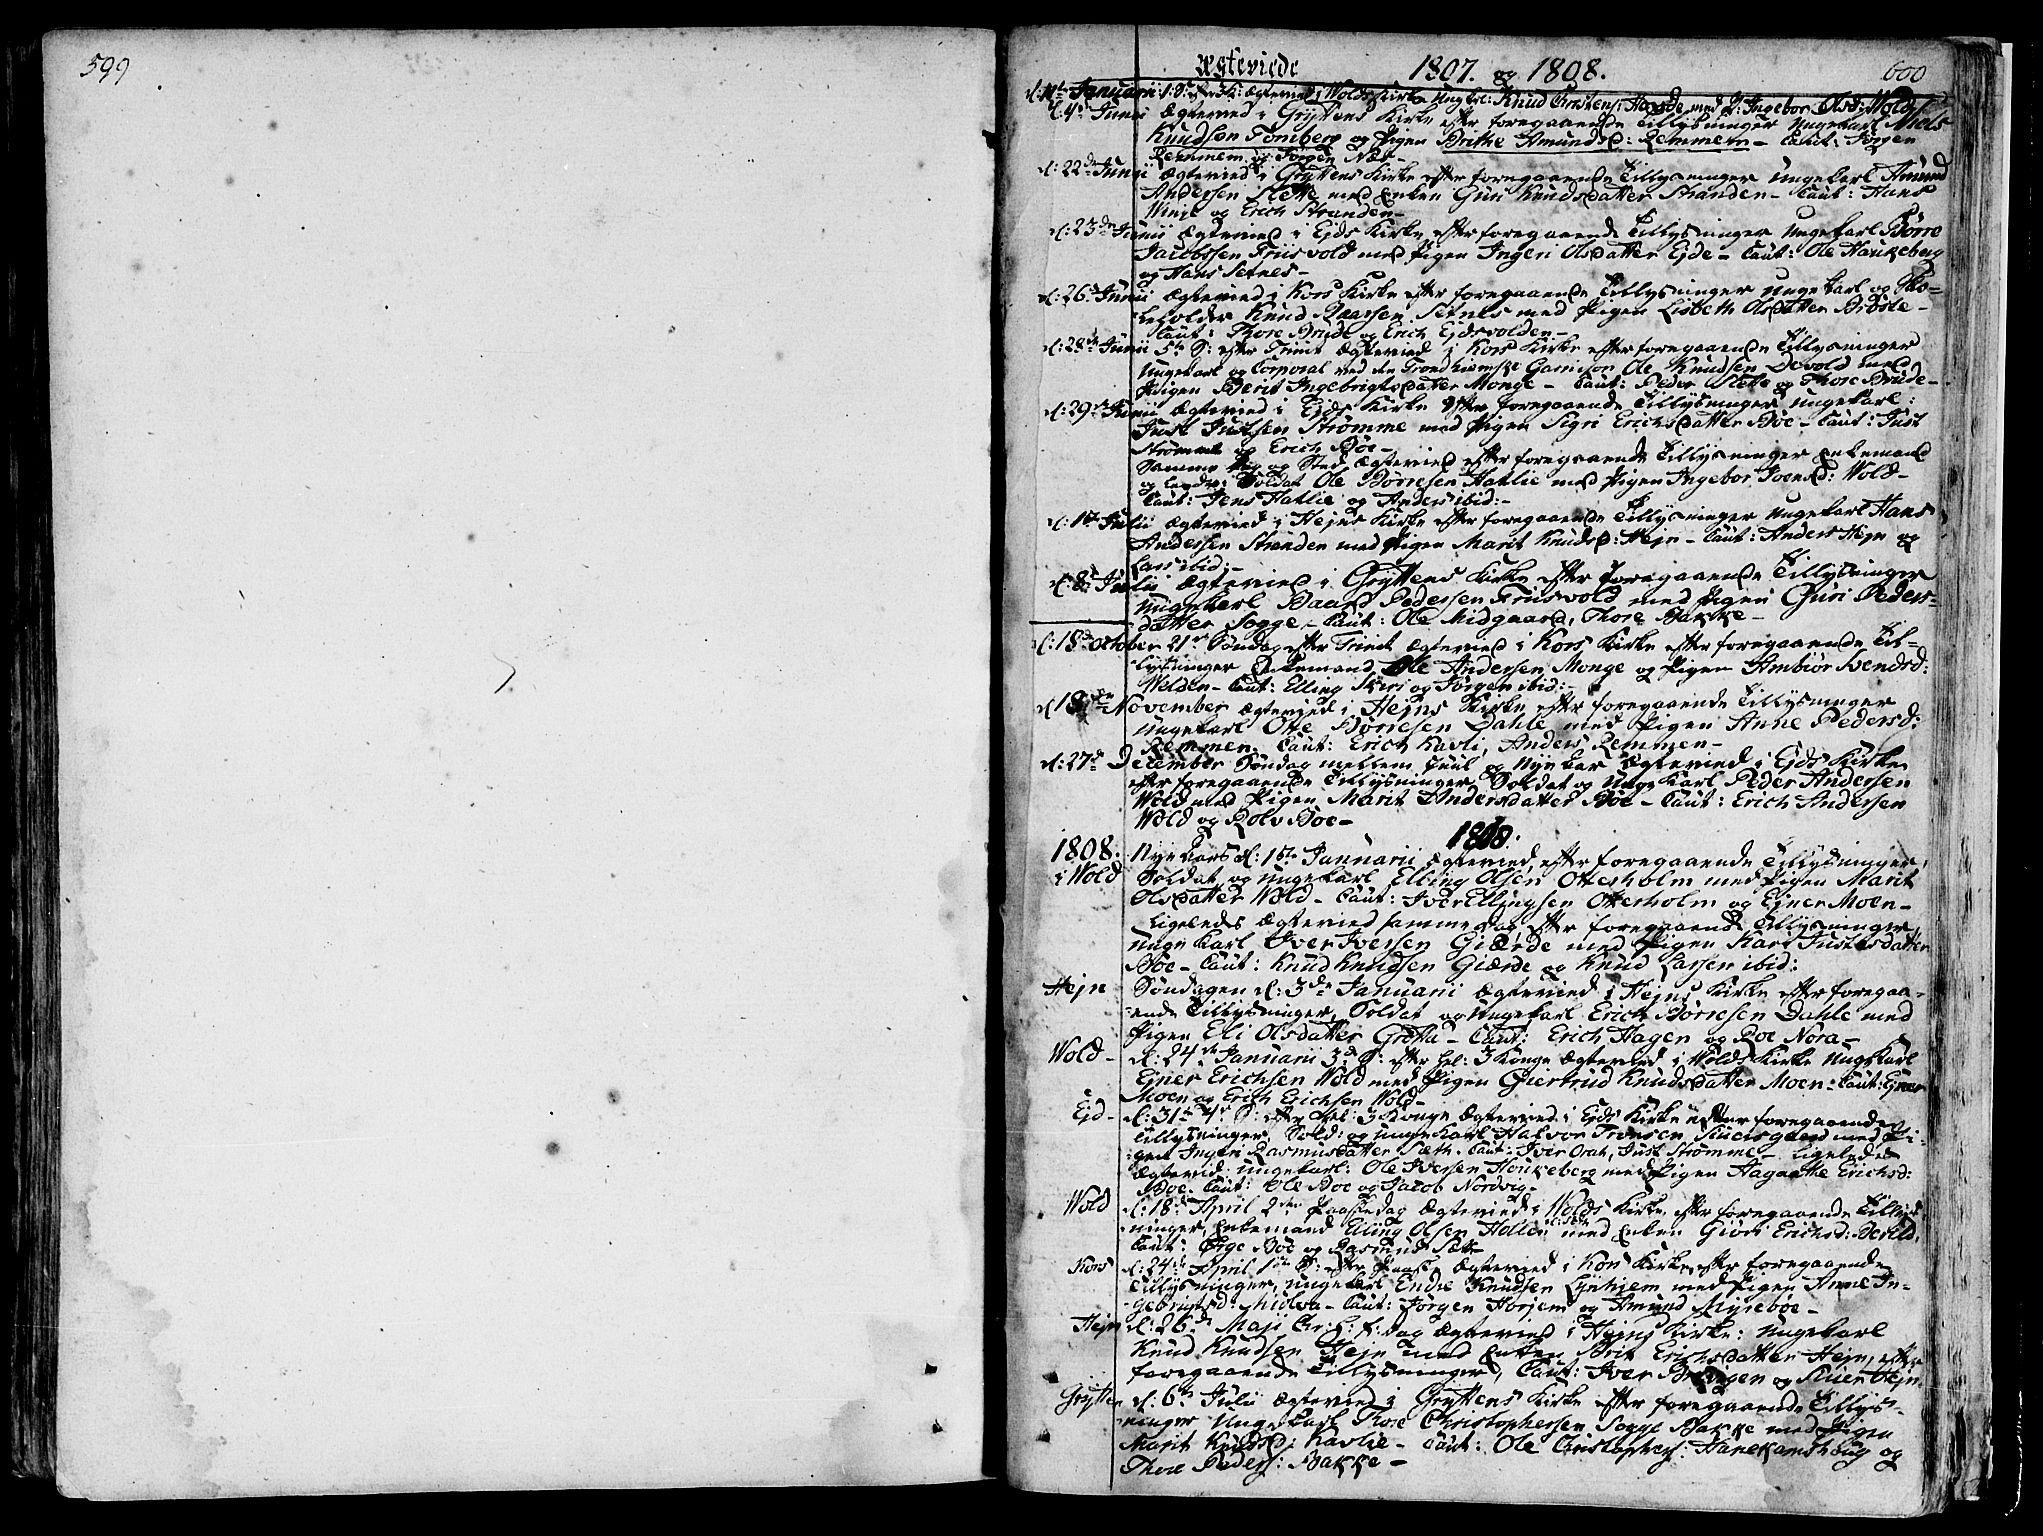 SAT, Ministerialprotokoller, klokkerbøker og fødselsregistre - Møre og Romsdal, 544/L0570: Parish register (official) no. 544A03, 1807-1817, p. 599-600